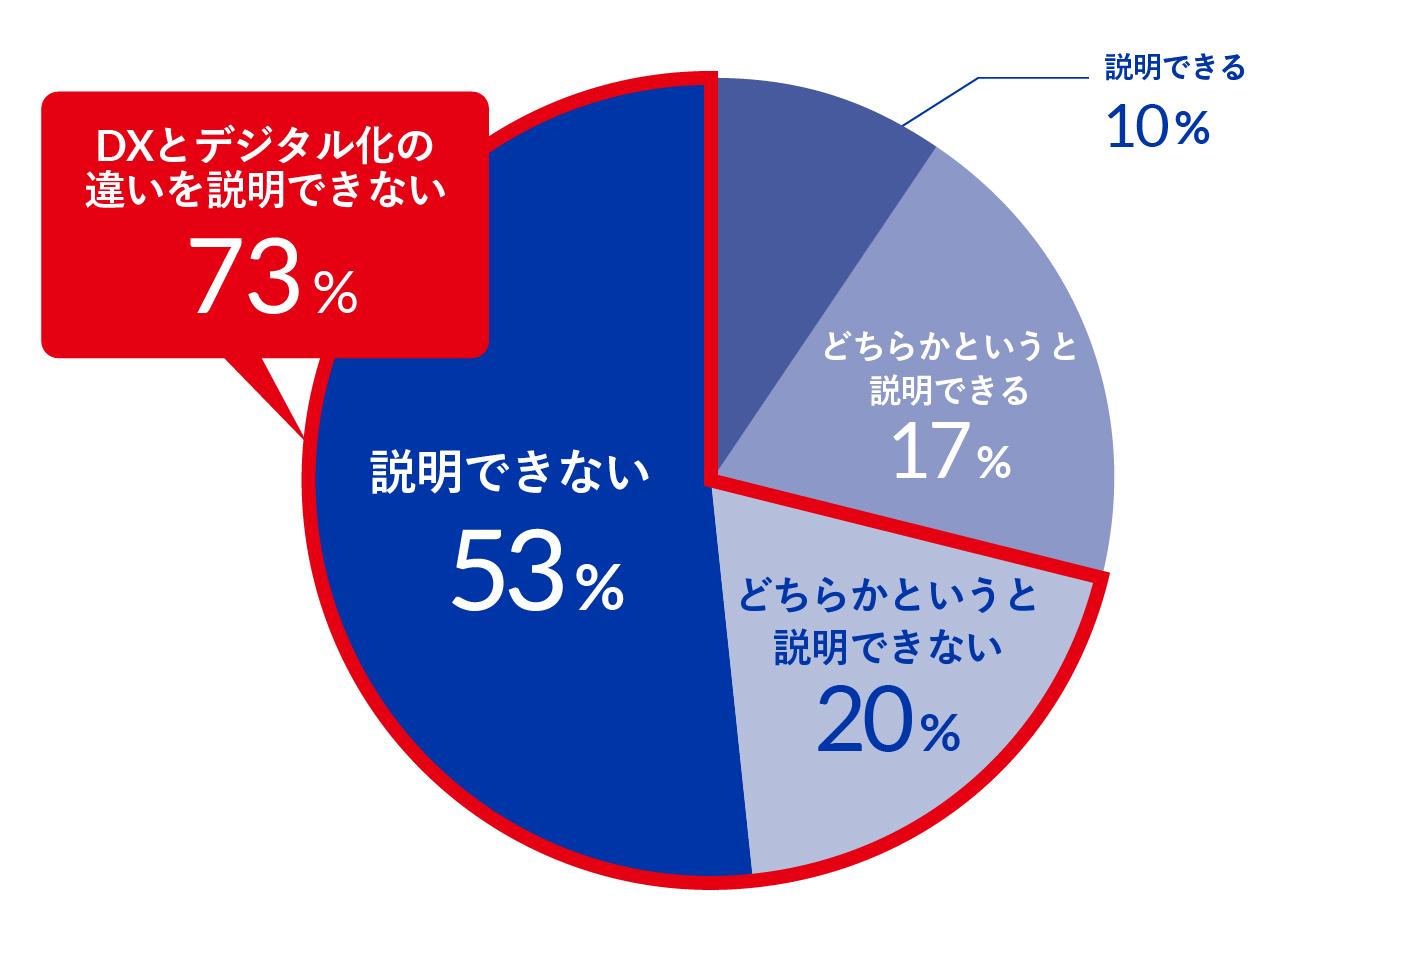 【グラフ④:DXとデジタル化の違いを説明できますか】